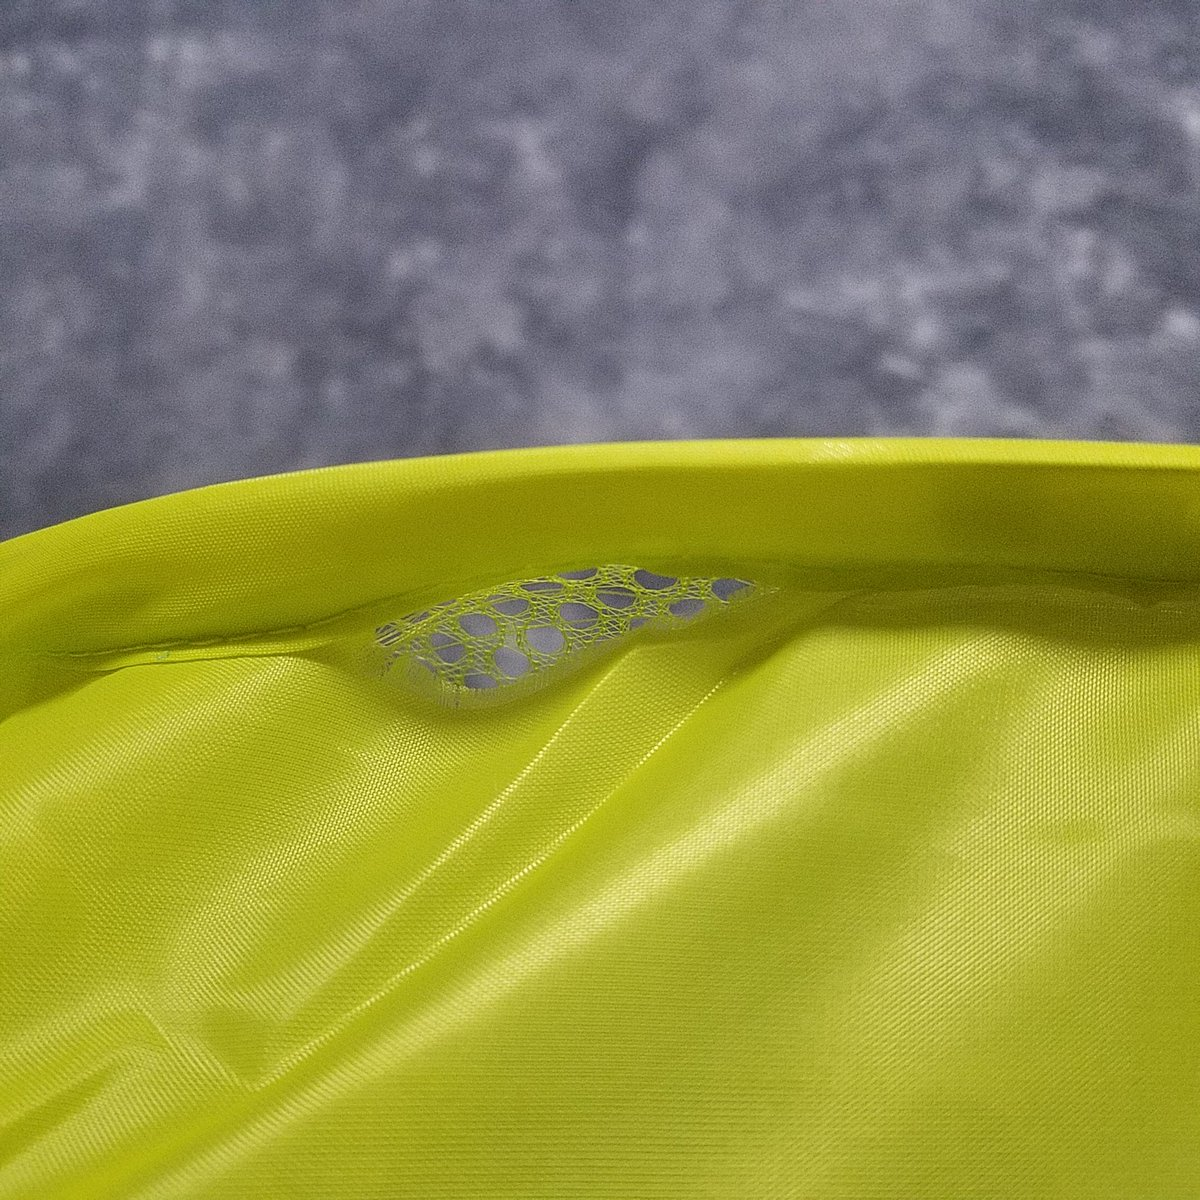 test ツイッターメディア - 自分で縫って直すか🙄 返品交換してもらうか🤔 迷うー😑💭 たかが100円されど100円🤨 #ダイソー  #近所のダイソーなら即持参だが #たまたま寄った車で30分の店 https://t.co/GT9tsDmveq